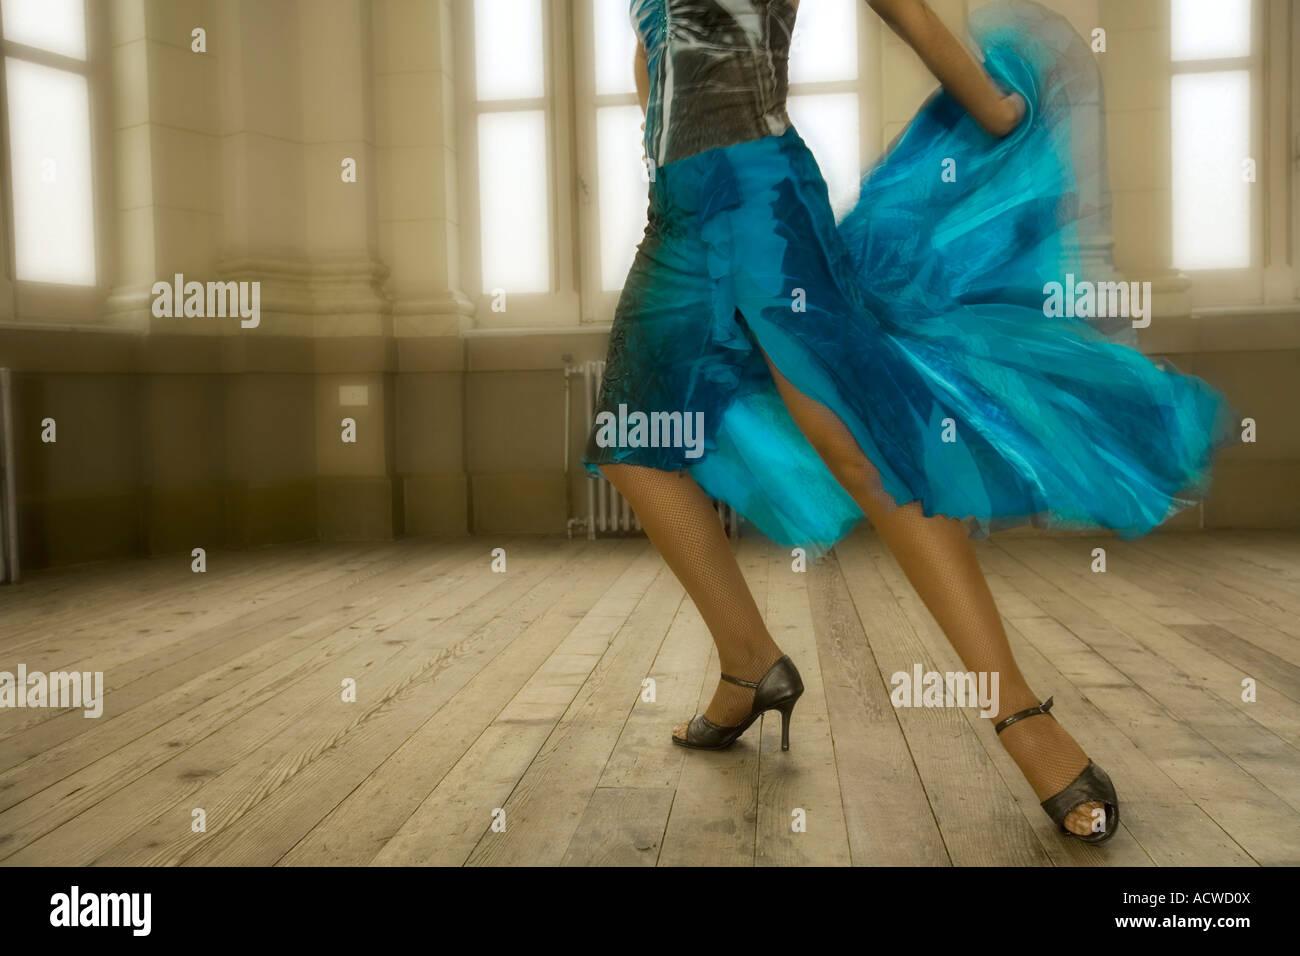 Mujer vestido azul bailando